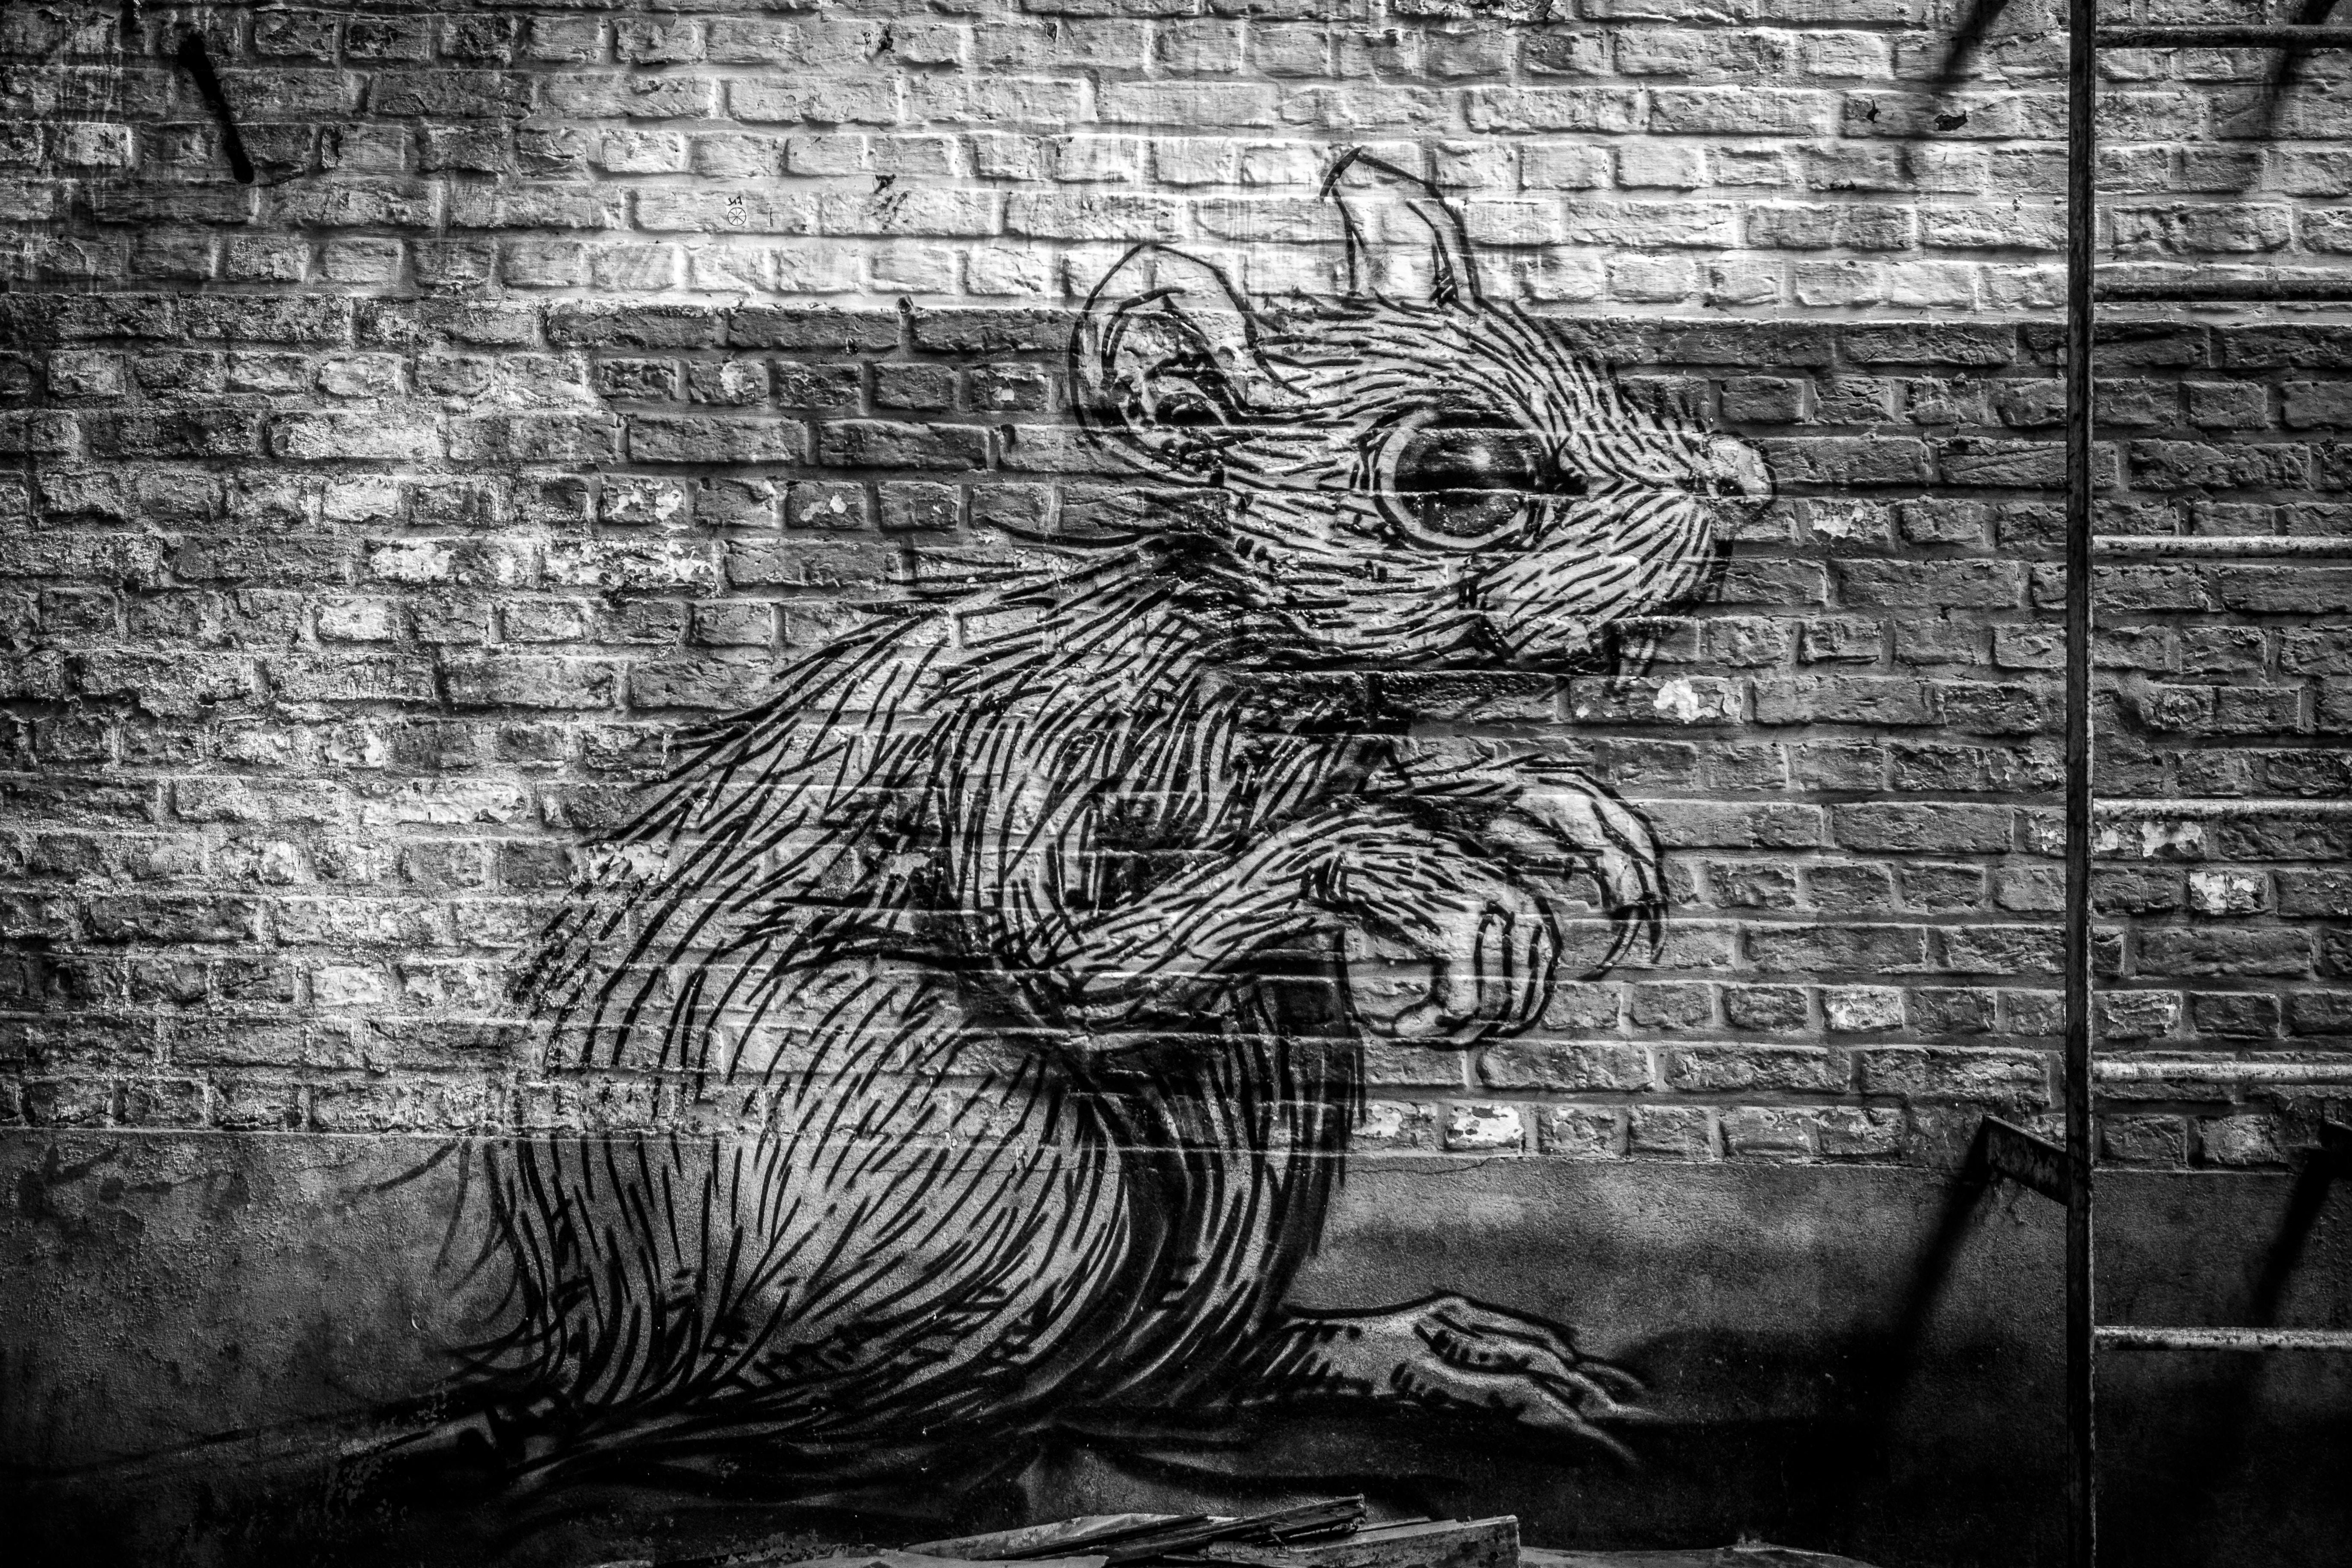 rat graffiti cart